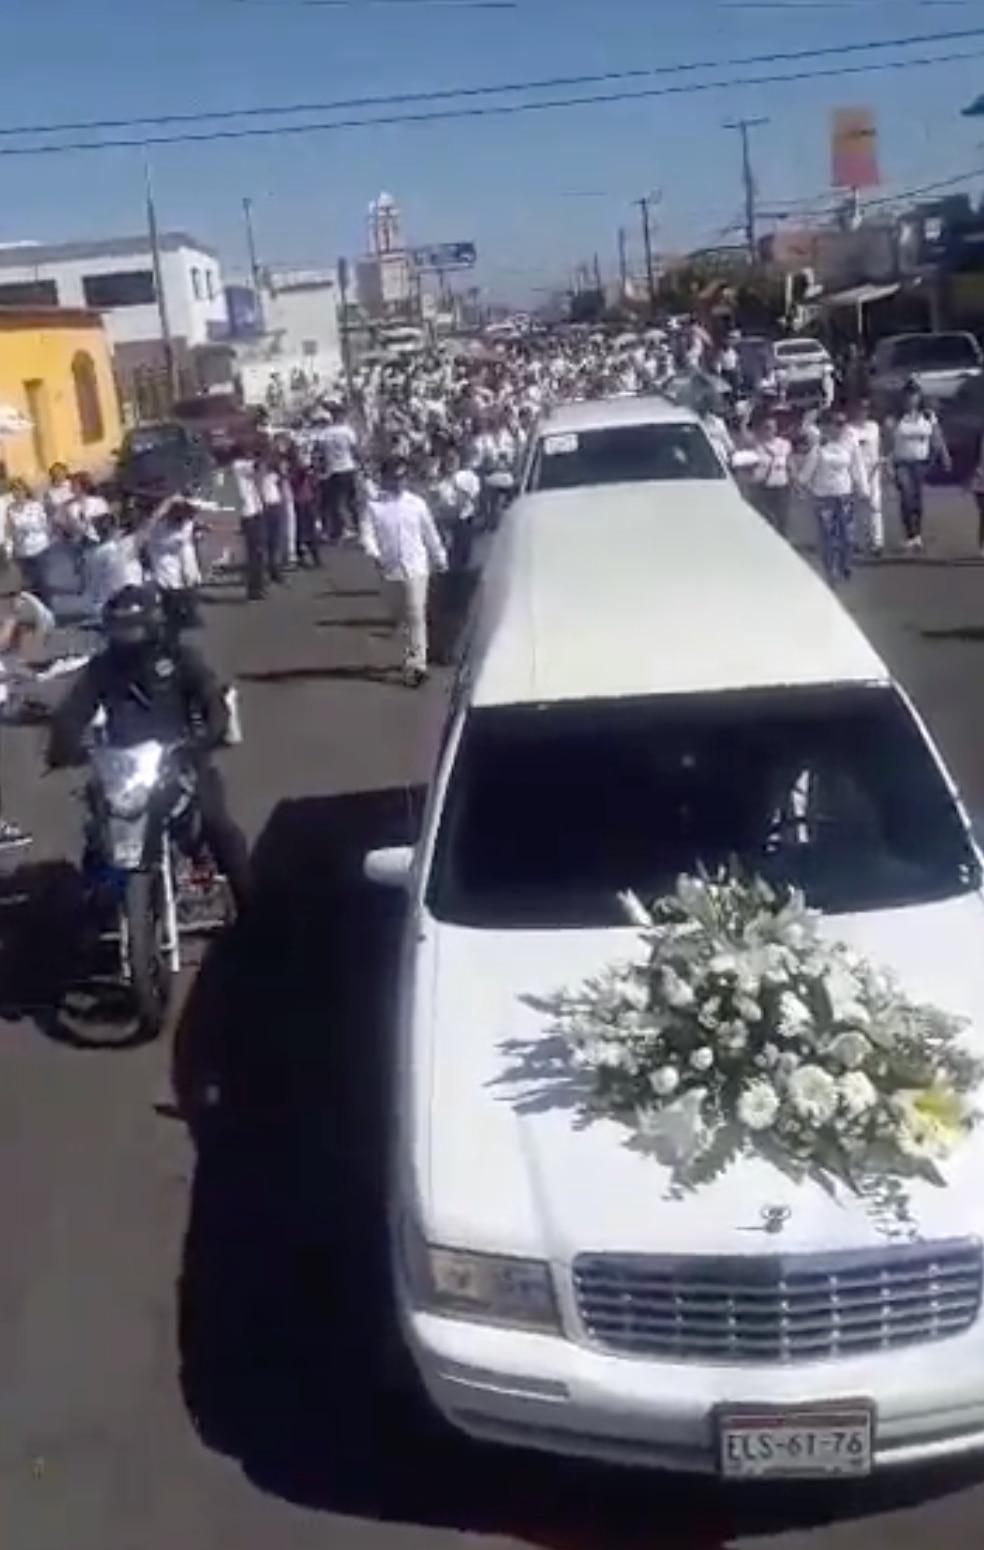 Las calles de Meoqui recibieron a Norberto Ronquillo con pedidos de justicia y gritos de su nombre (Foto: Captura de pantalla)